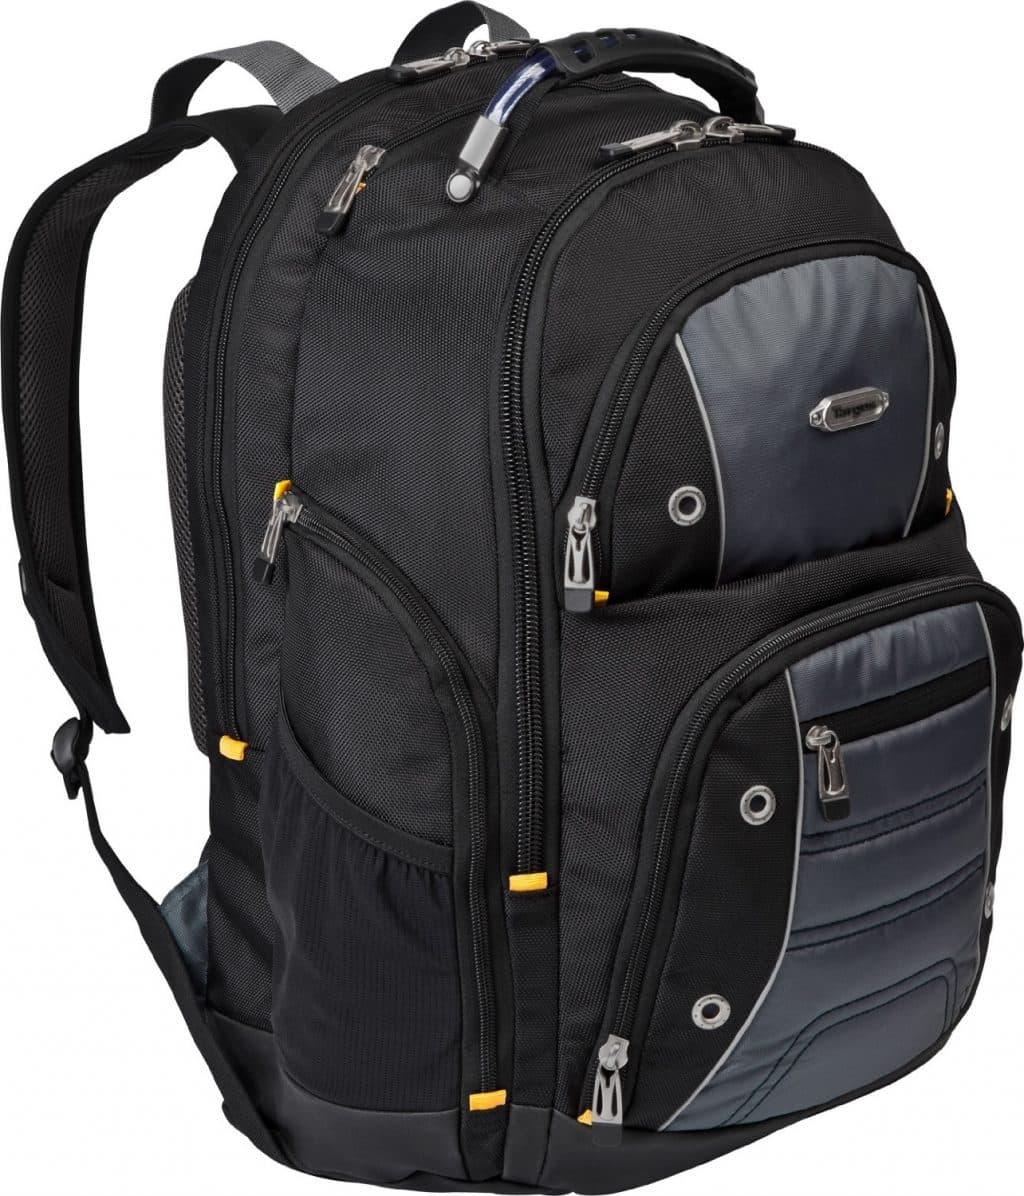 Laptop Bag Roundup: Our Favorites - LaptopNinja